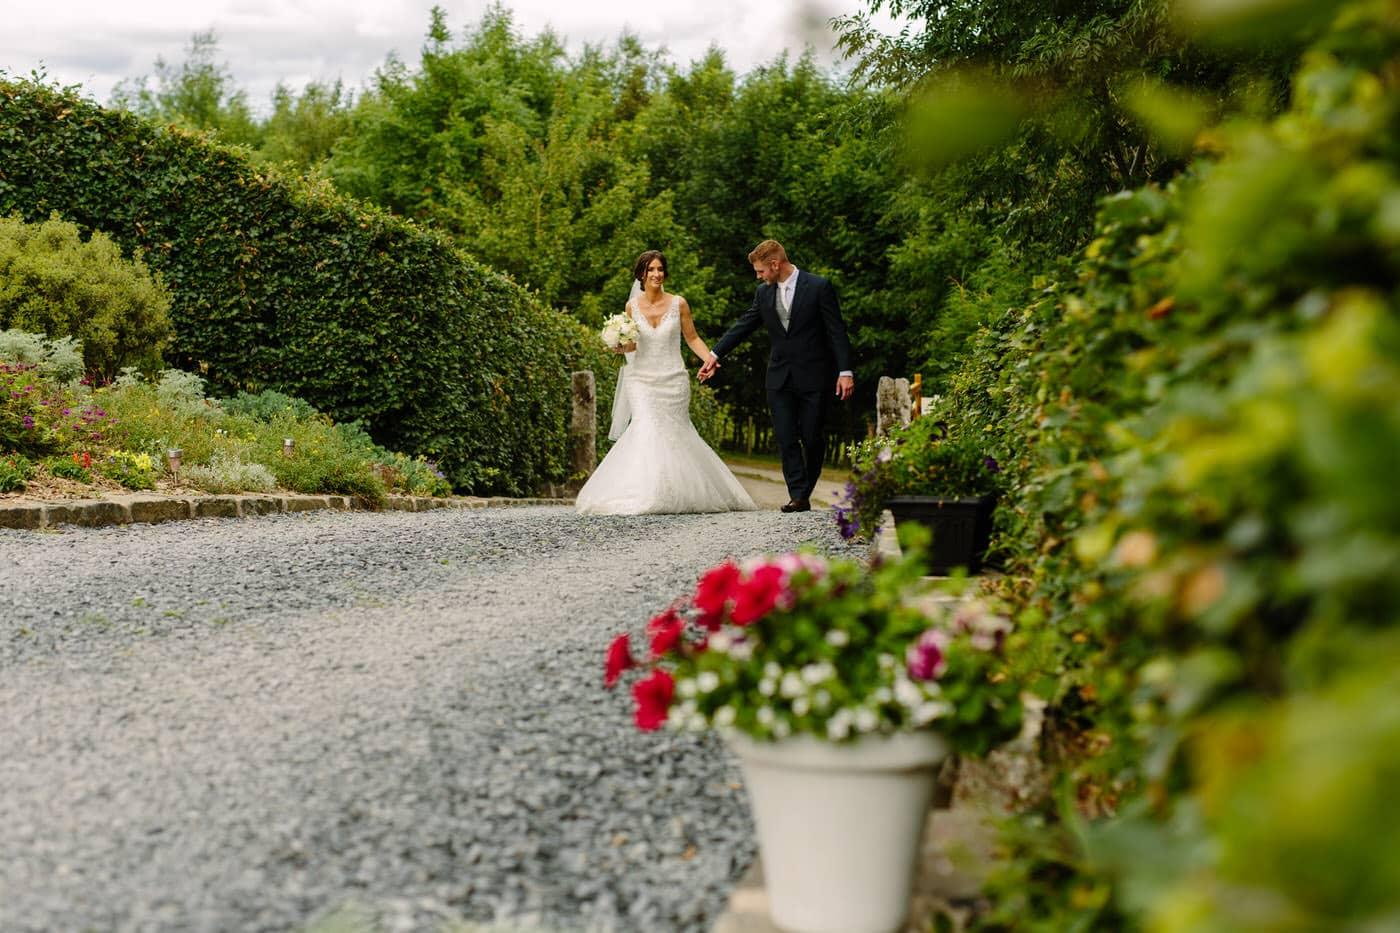 SG NORTH WALES WEDDING 887